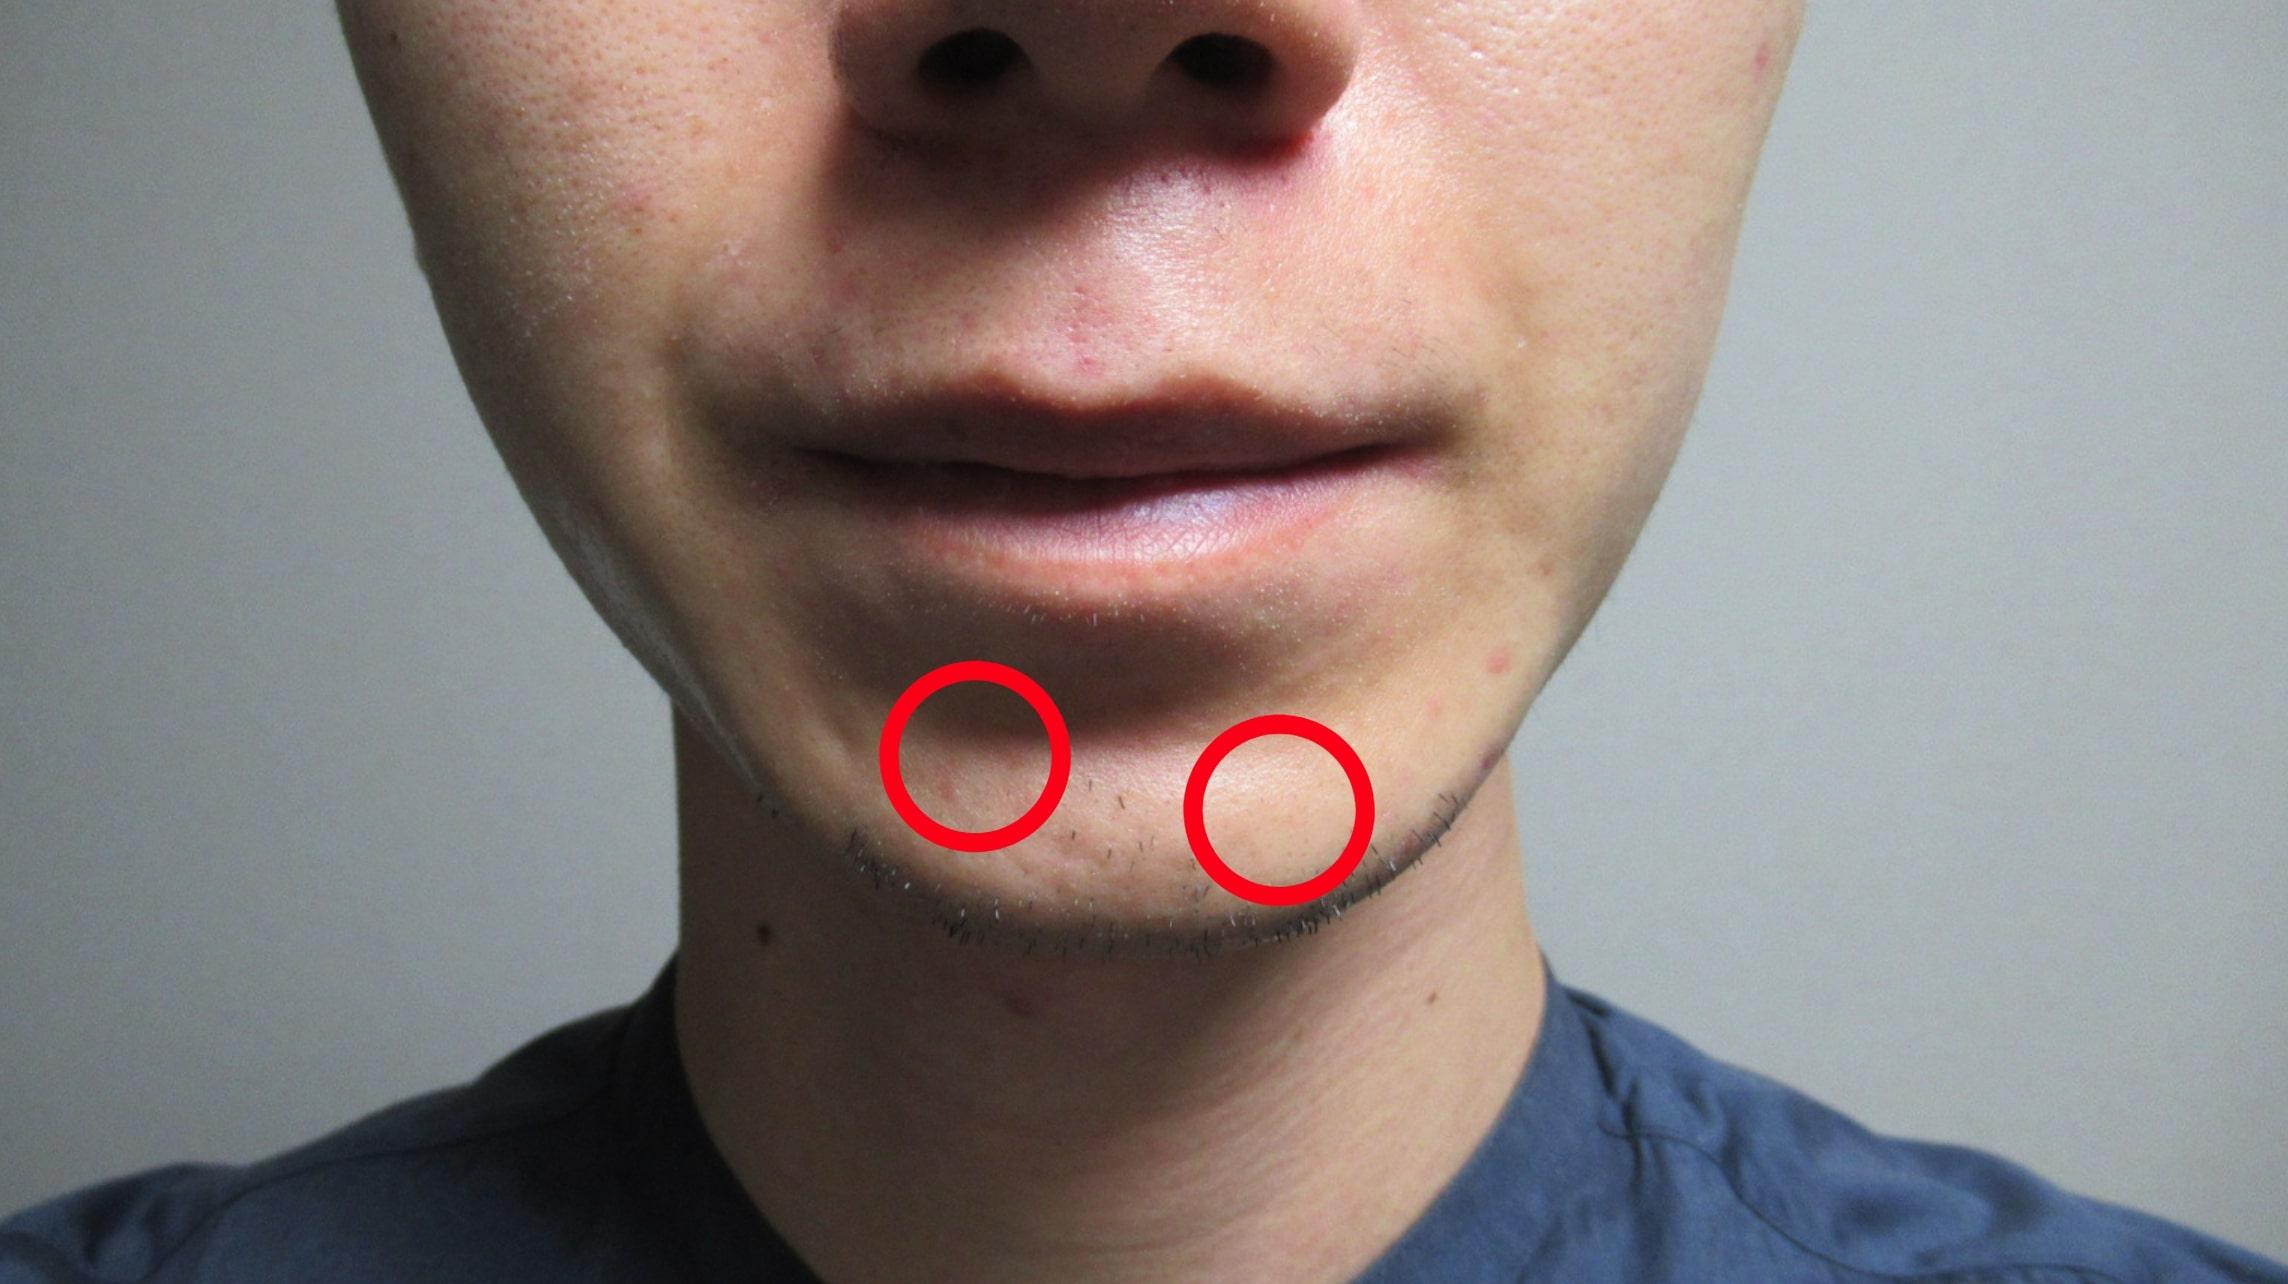 【結論】髭脱毛後はほとんどのヒゲが復活しない